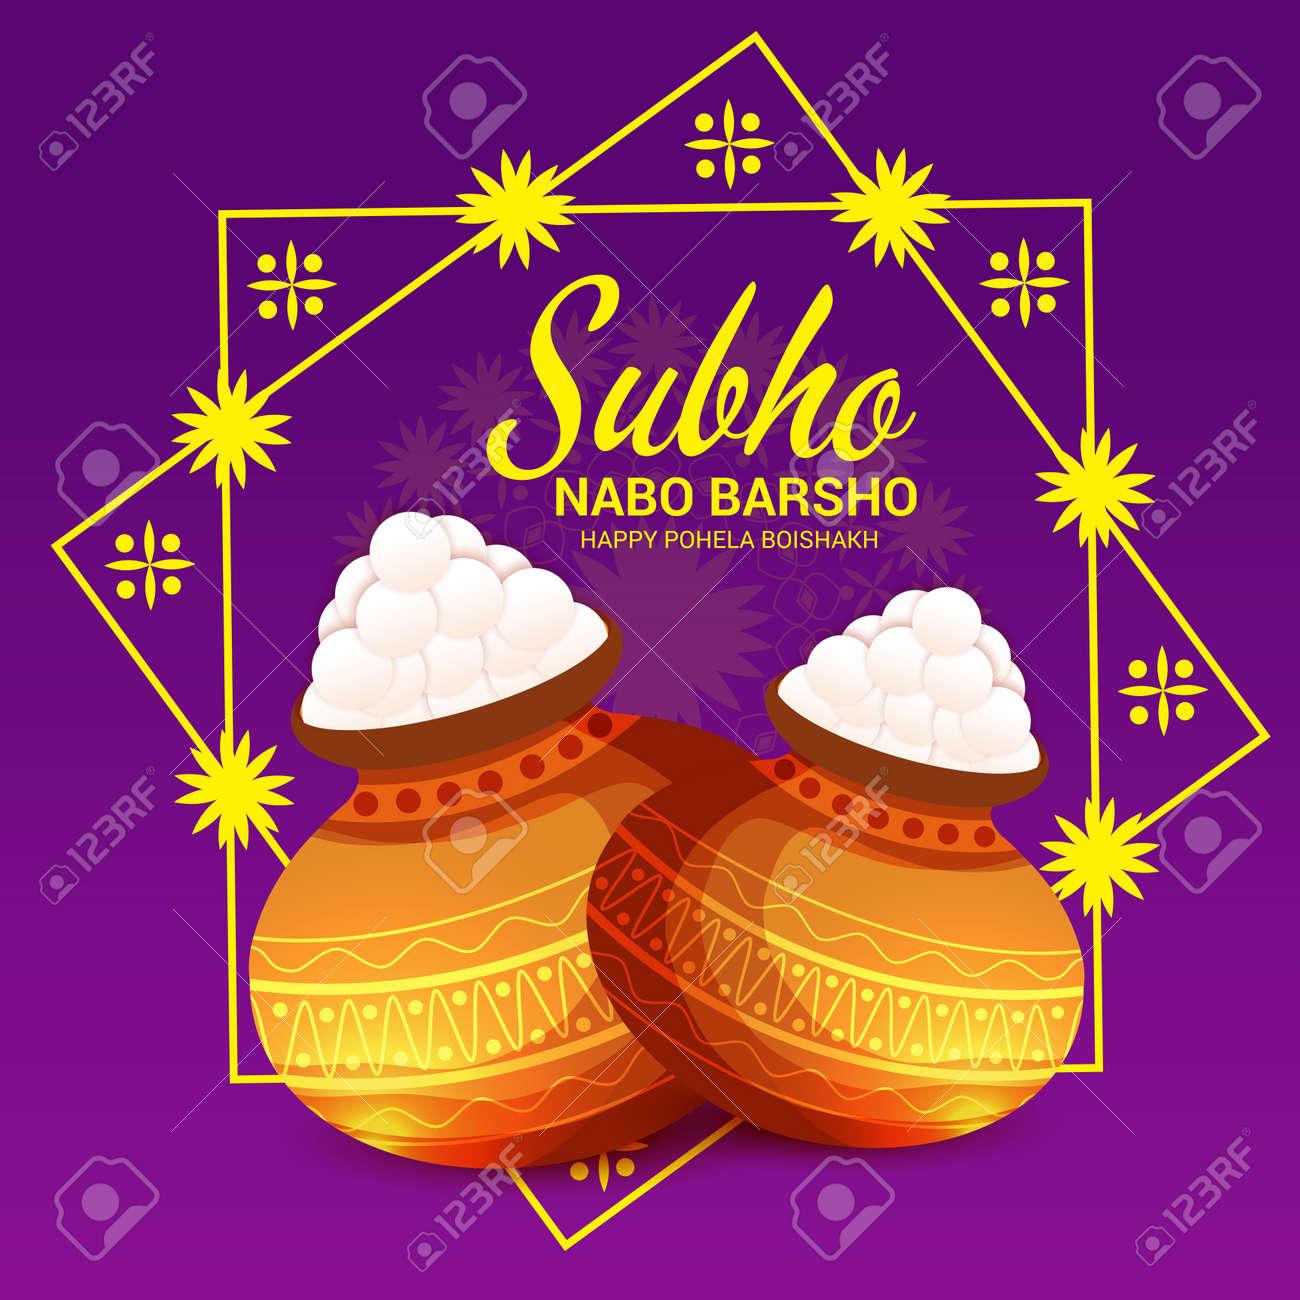 Bengali new year subho nabo barsho happy pohela boishakh banner bengali new year subho nabo barsho happy pohela boishakh banner stock vector 98889806 m4hsunfo